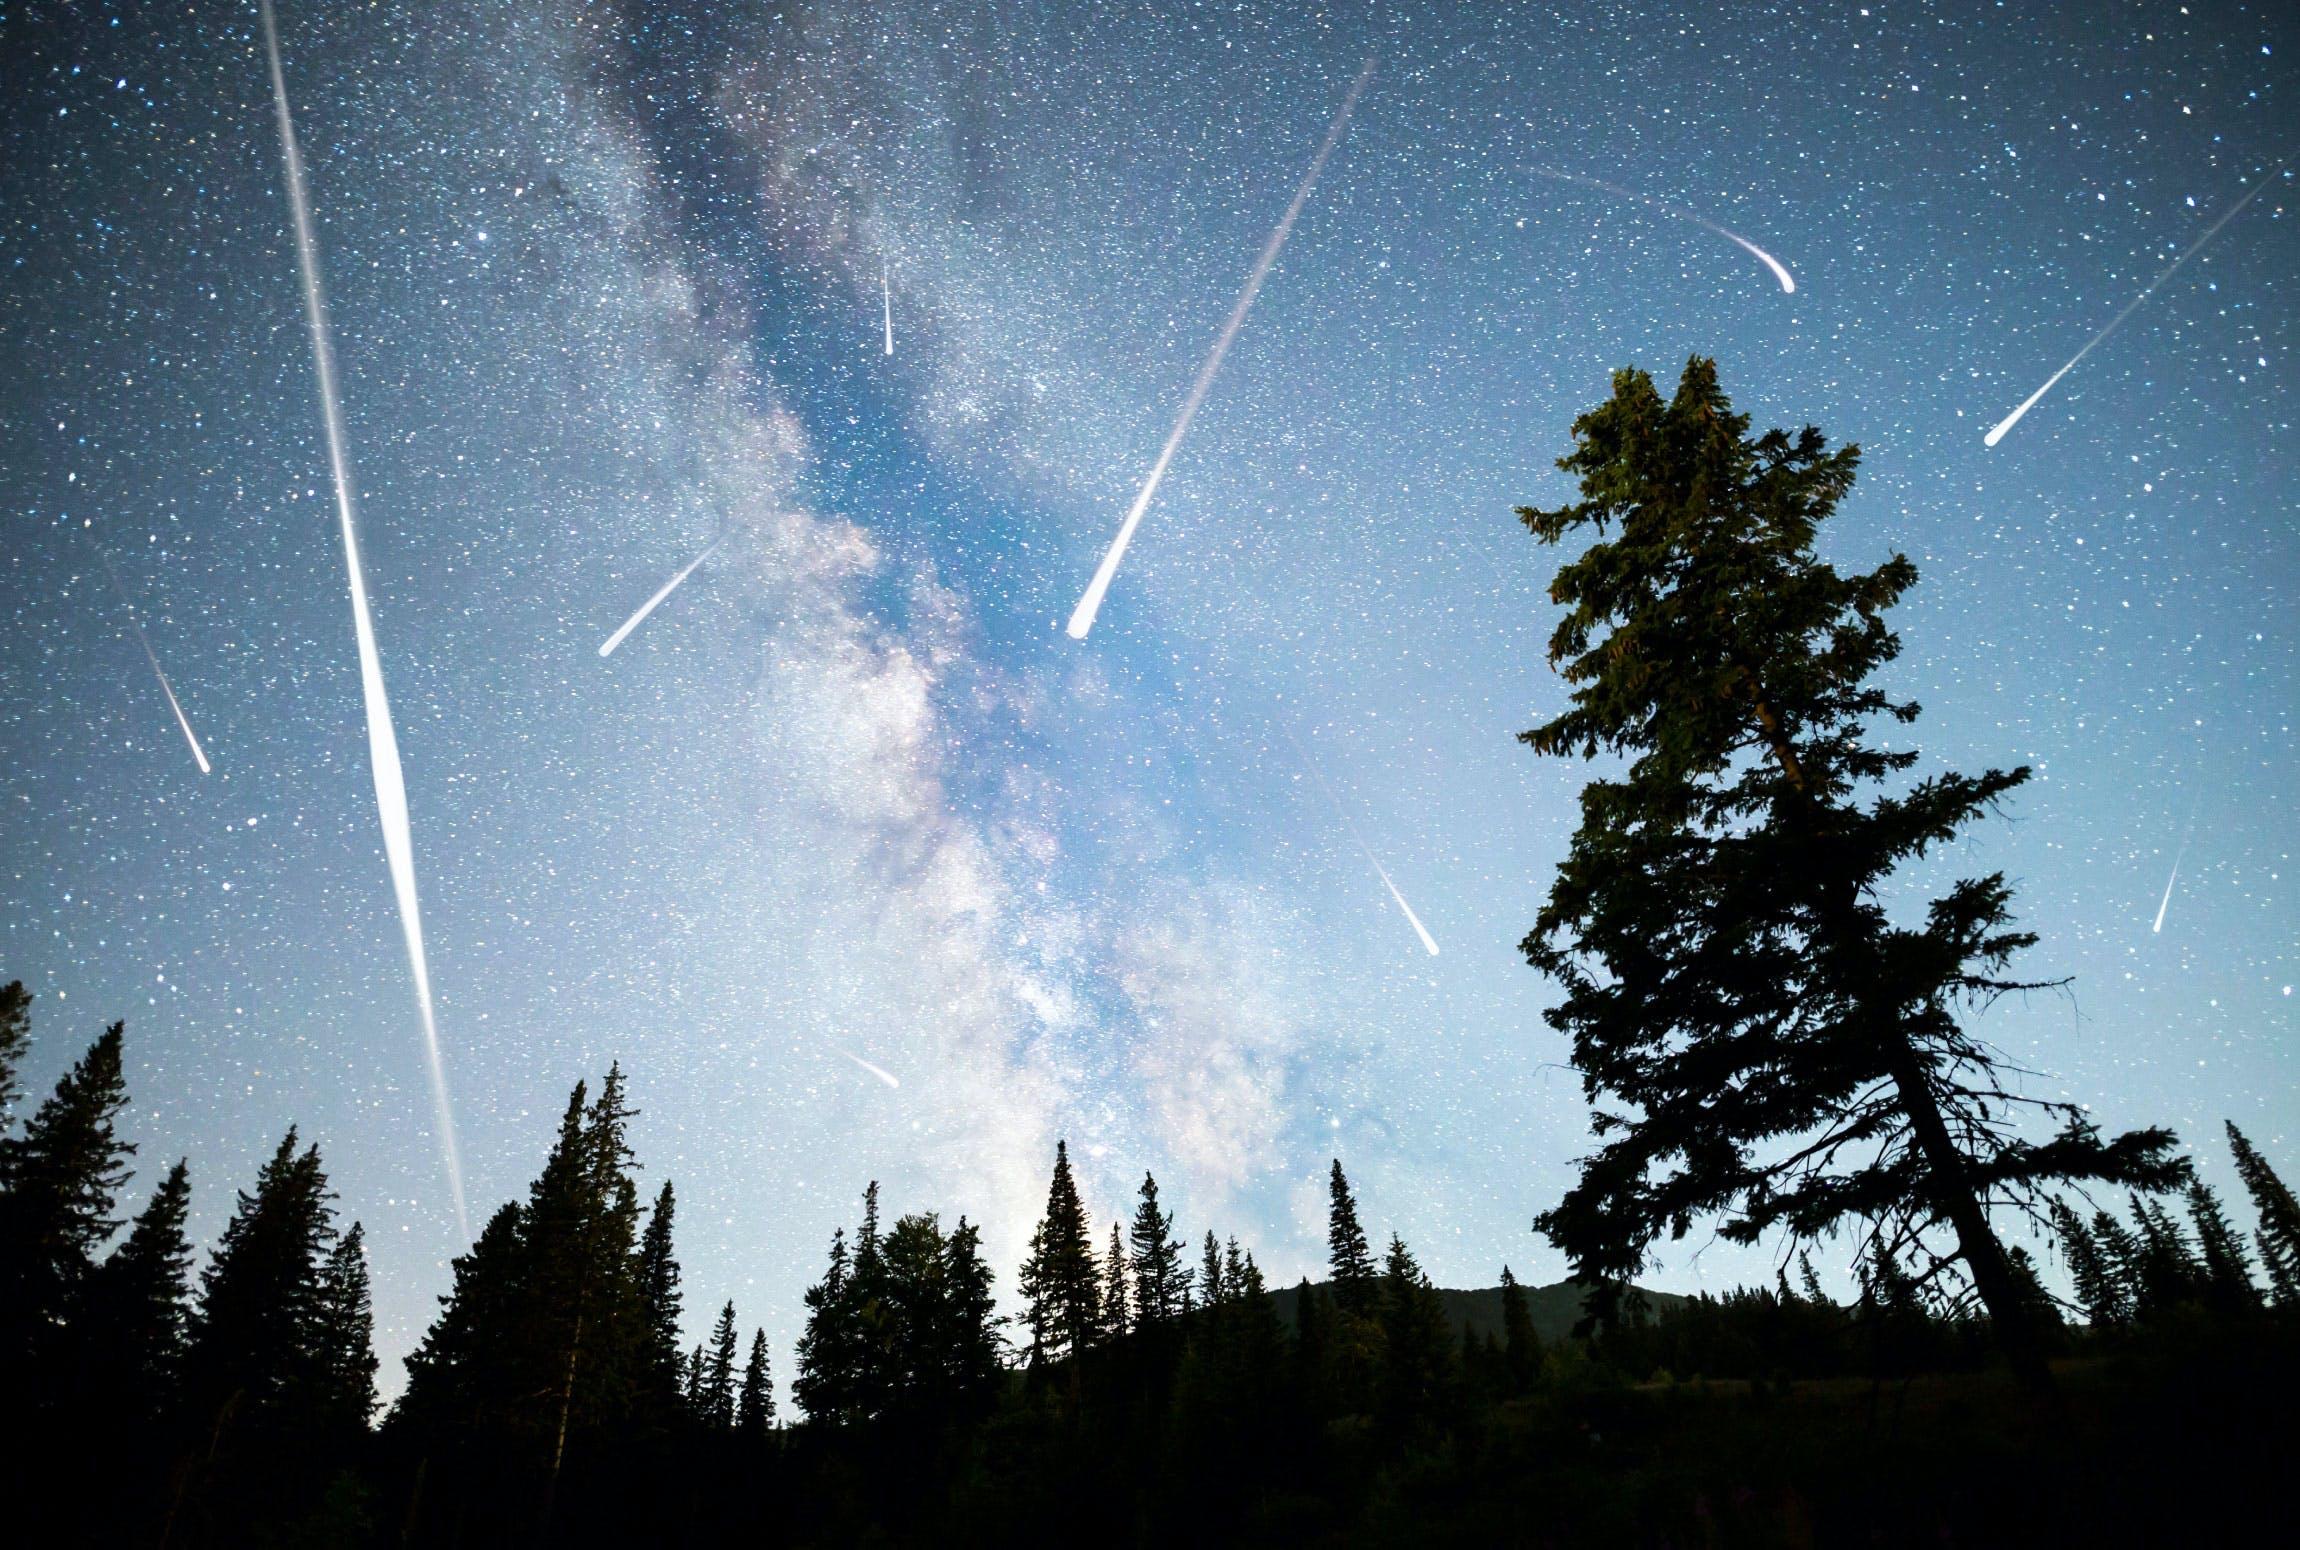 Meteor regn - Meteor shower